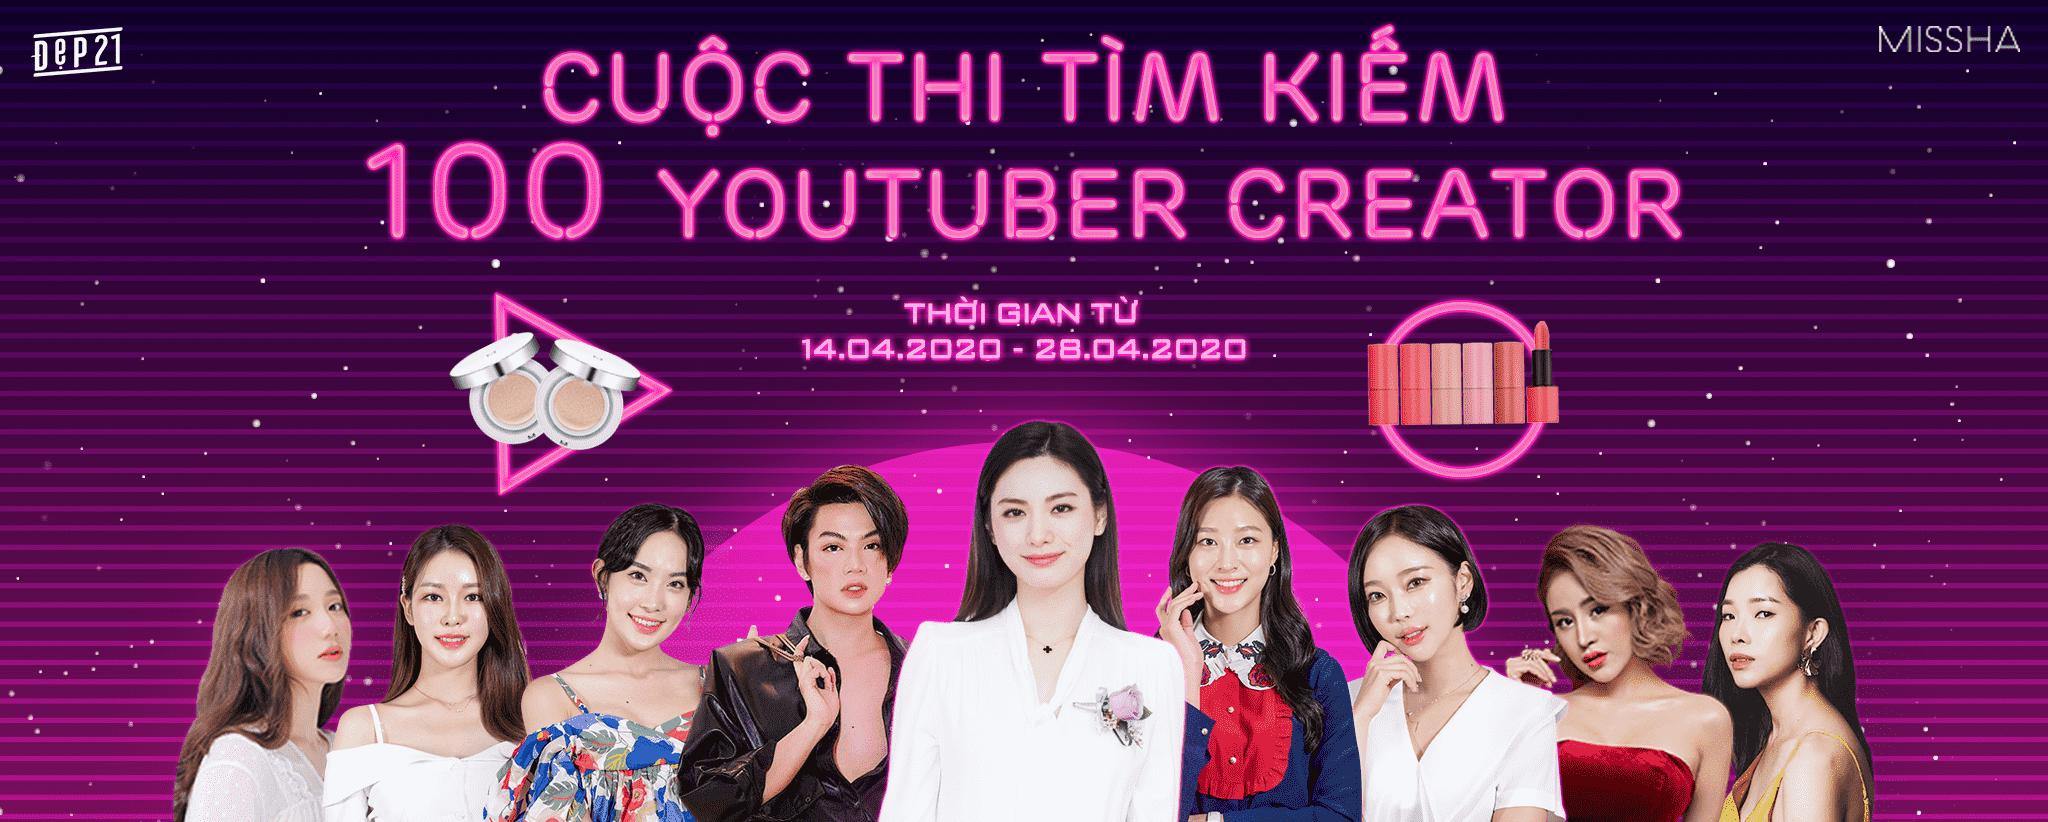 Cuộc Thi Tìm Youtuber Tài Năng Cho Brand Missha